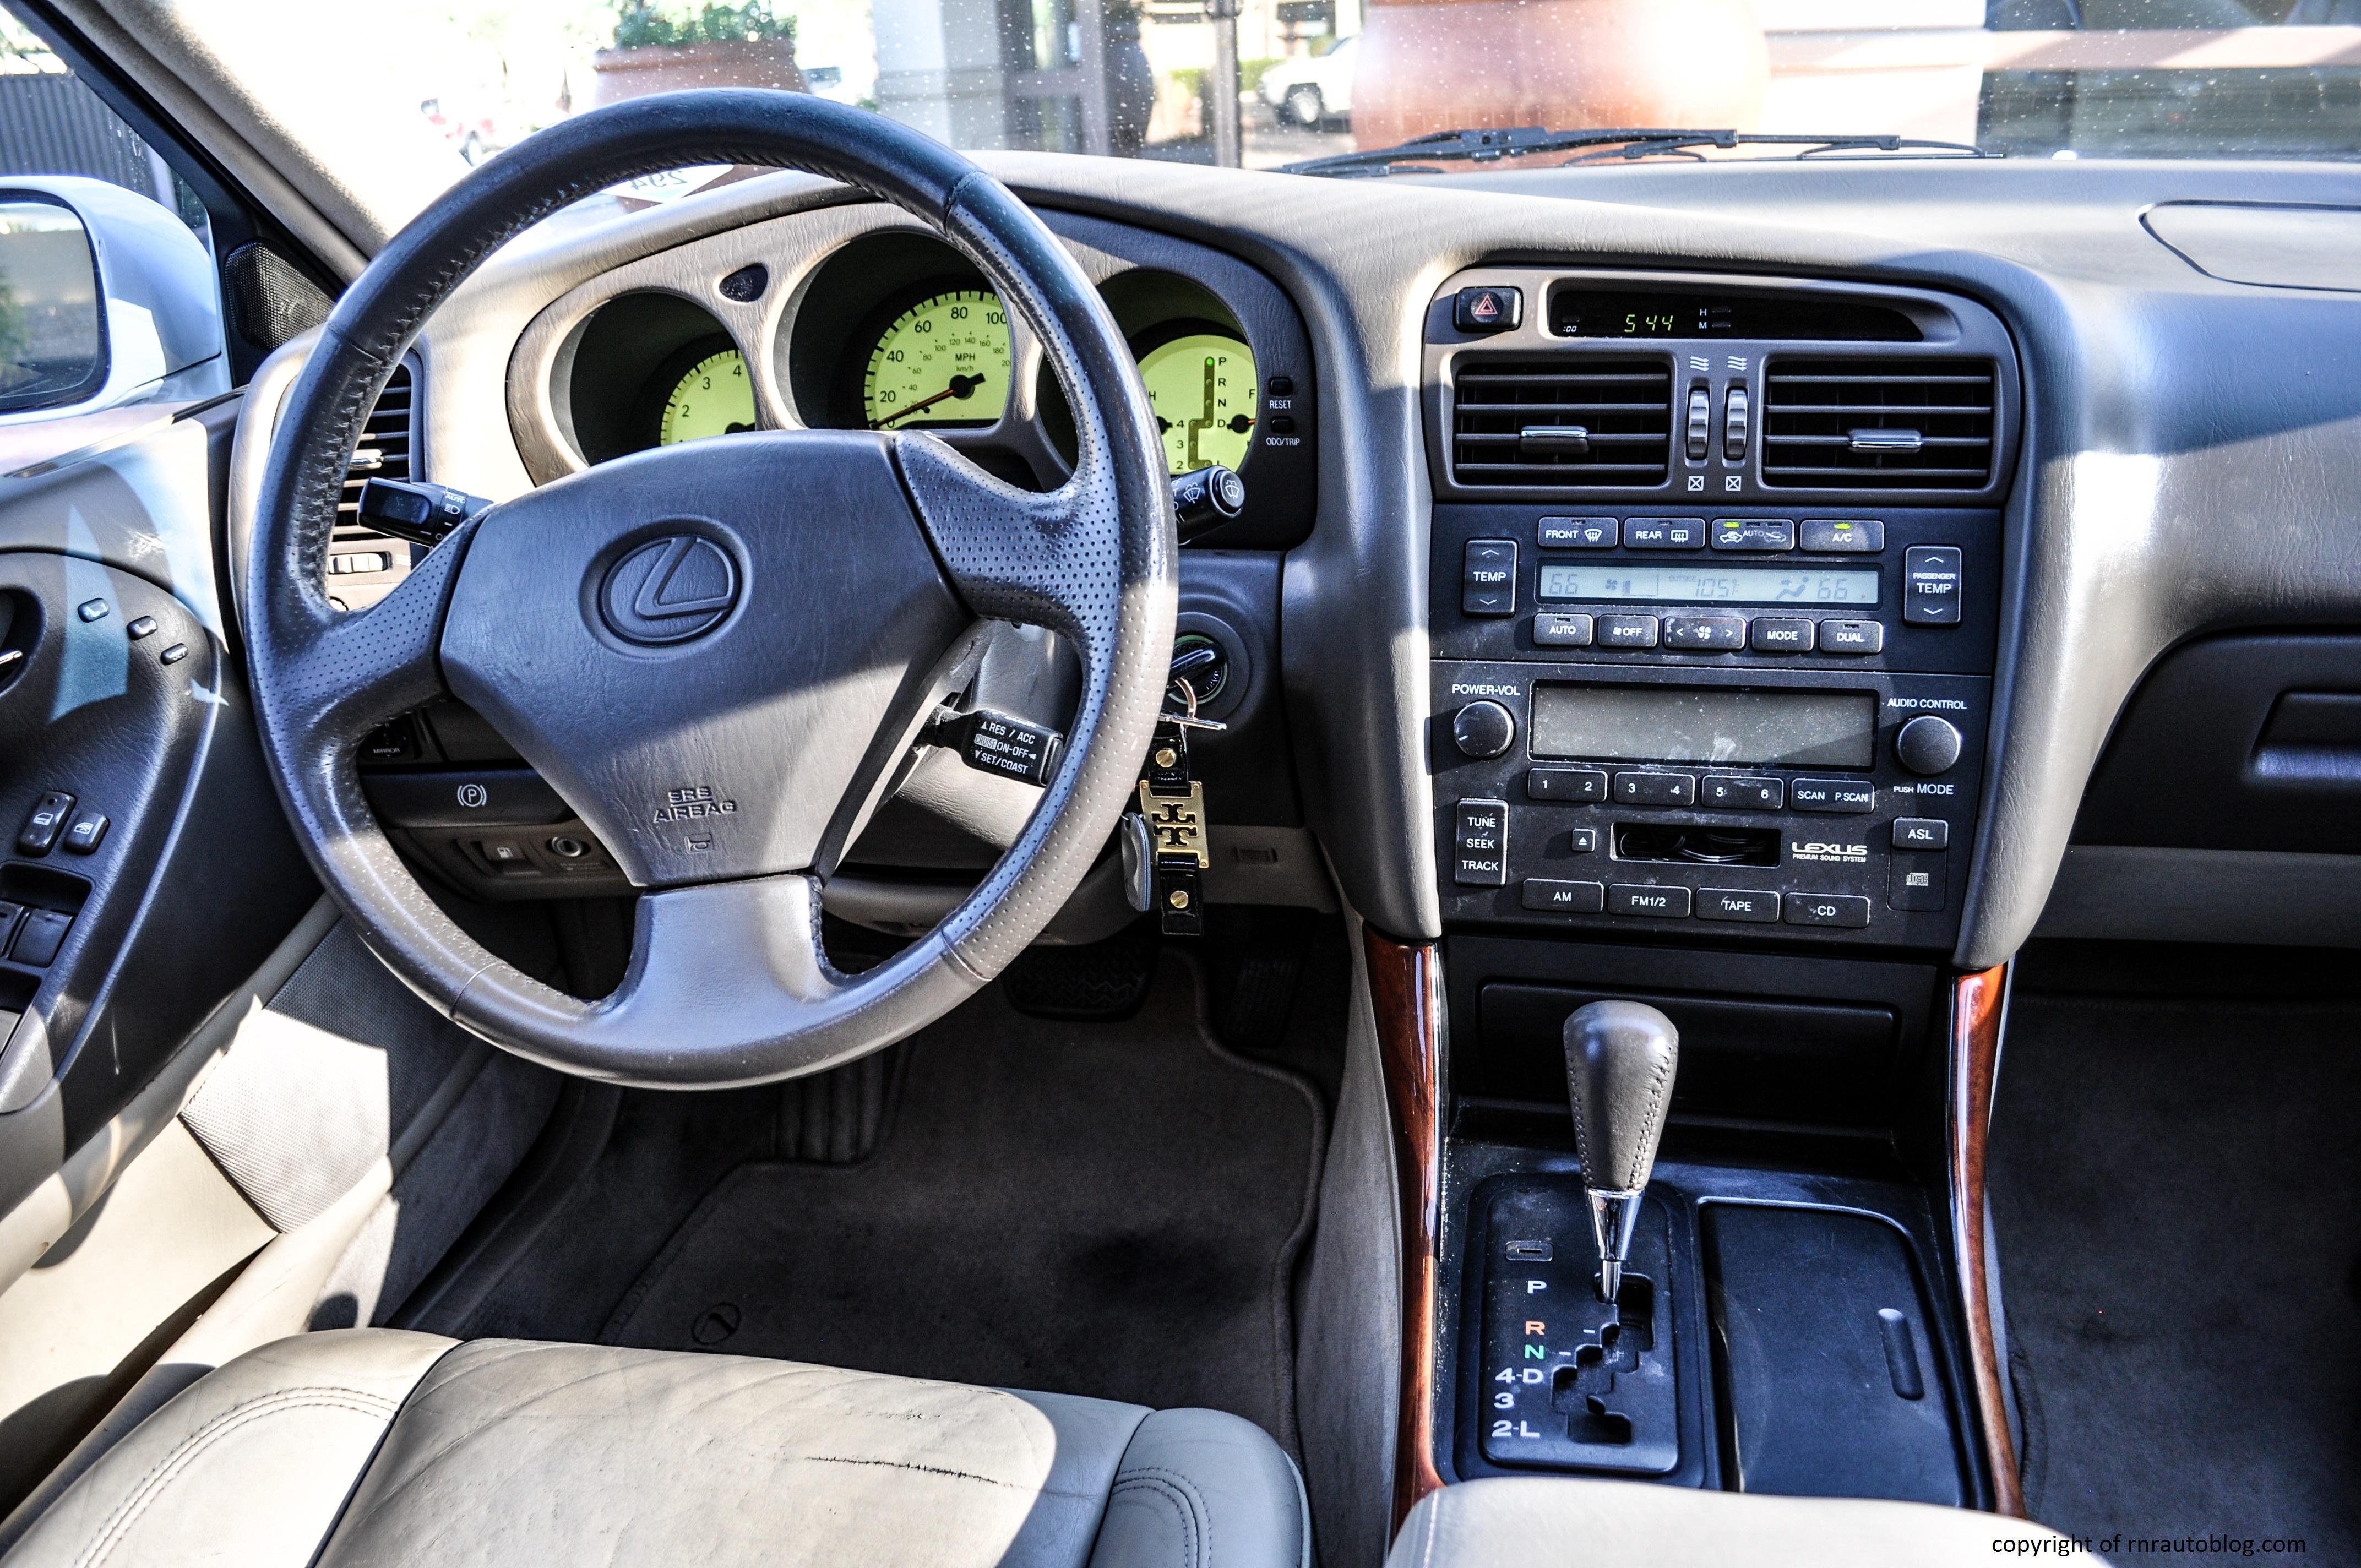 2000 Lexus GS300 Review